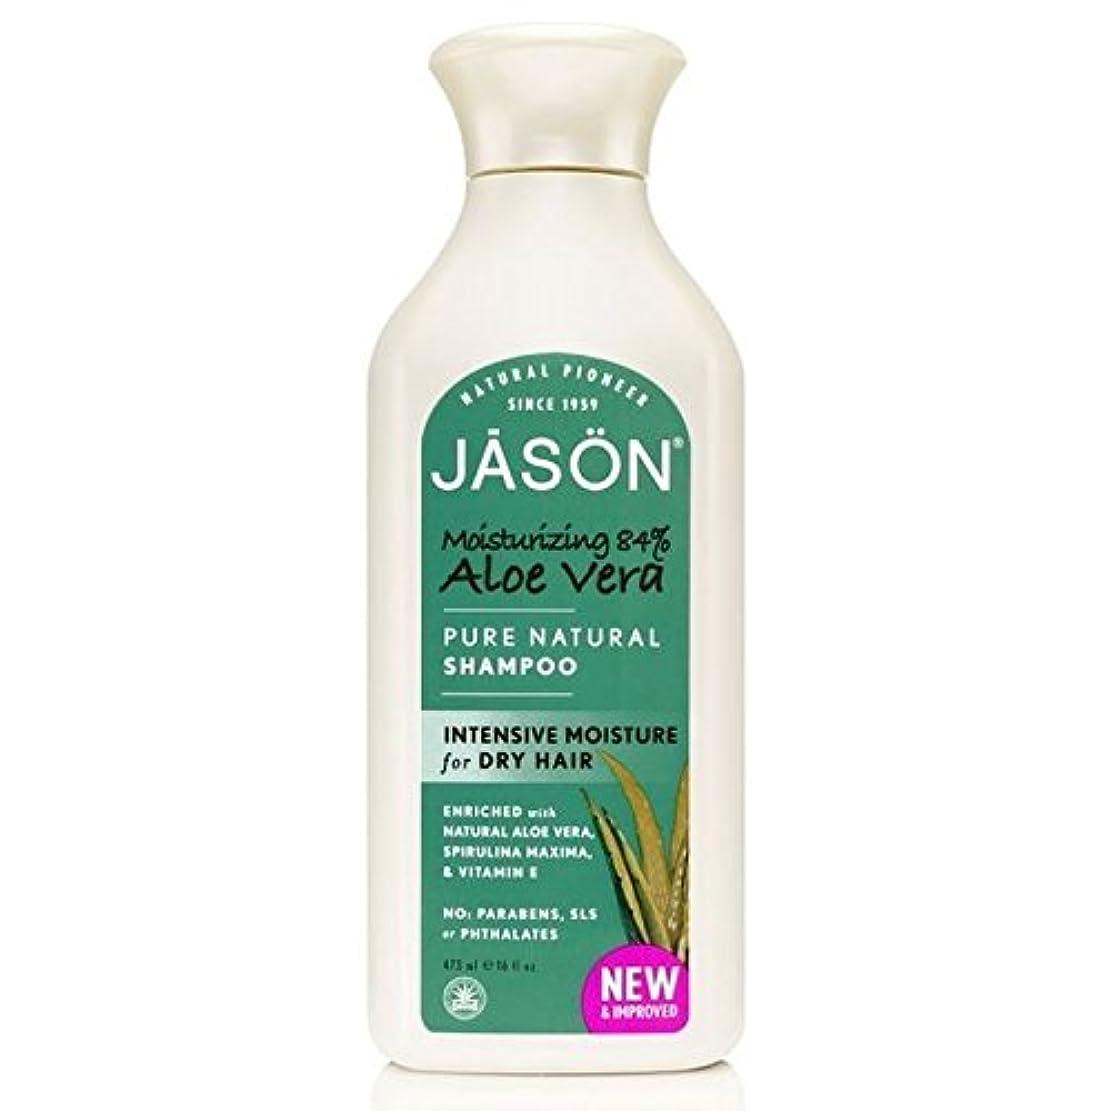 トリップソート代数Jason Aloe Vera 84% Pure Natural Shampoo 475ml (Pack of 6) - ジェイソンのアロエベラ84%の純粋な天然シャンプー475ミリリットル x6 [並行輸入品]